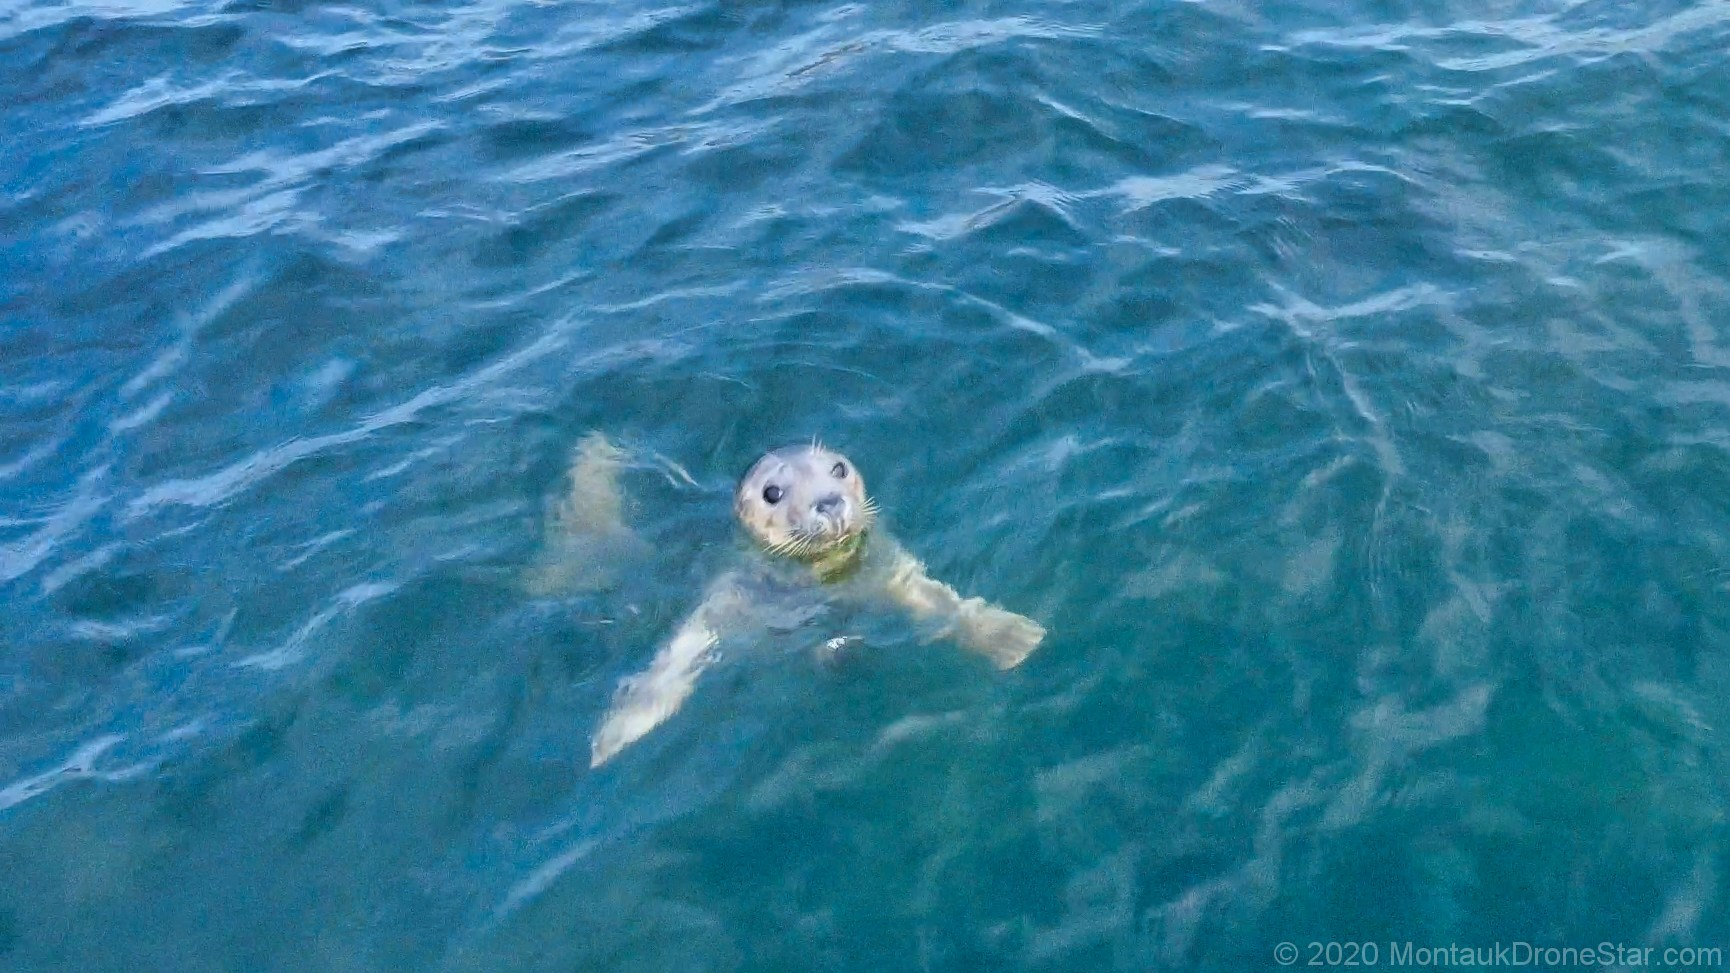 Small seal near Montauk, NY